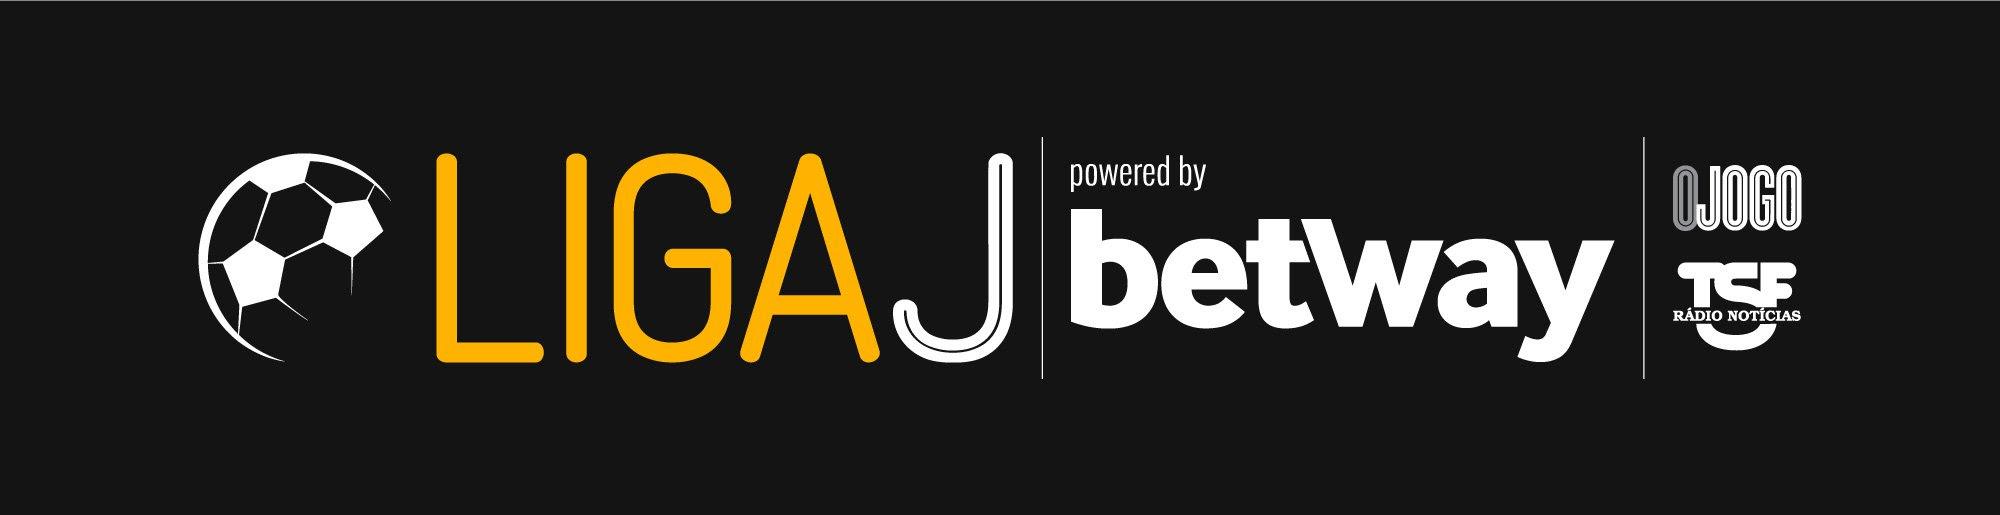 Liga J Betway